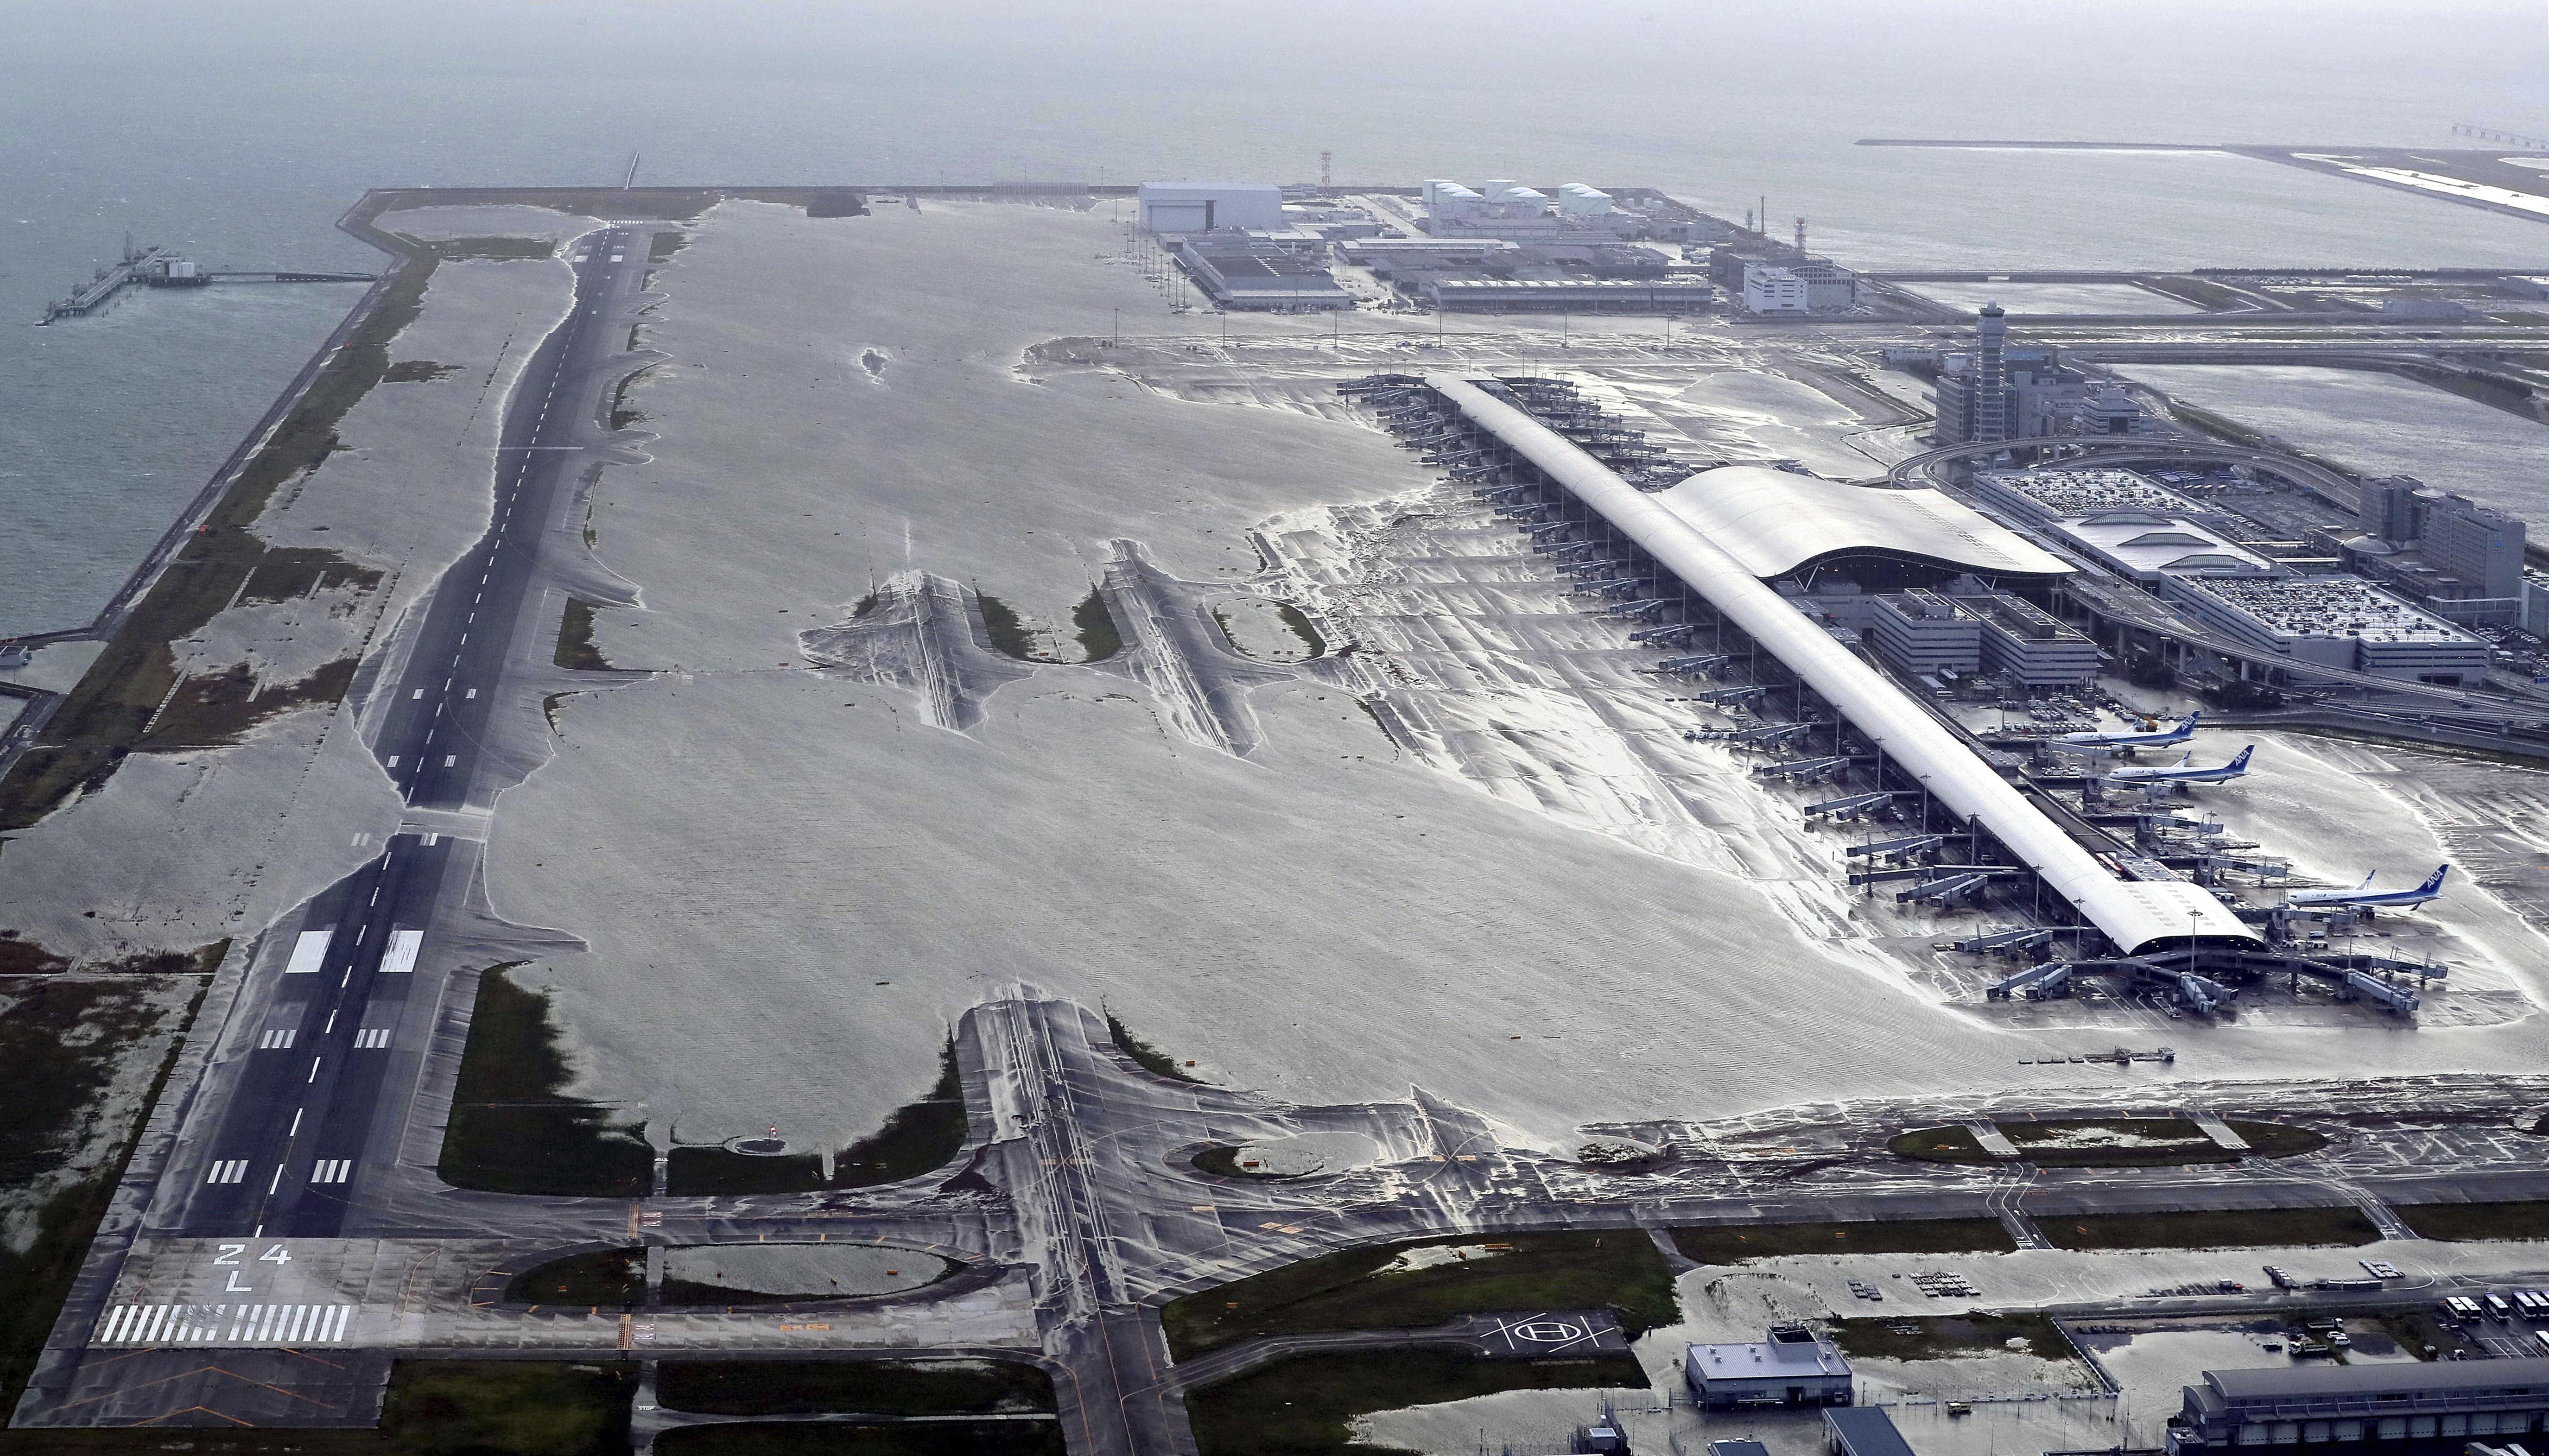 El agua cubrió el aeropuerto de Kansai, en Osaka